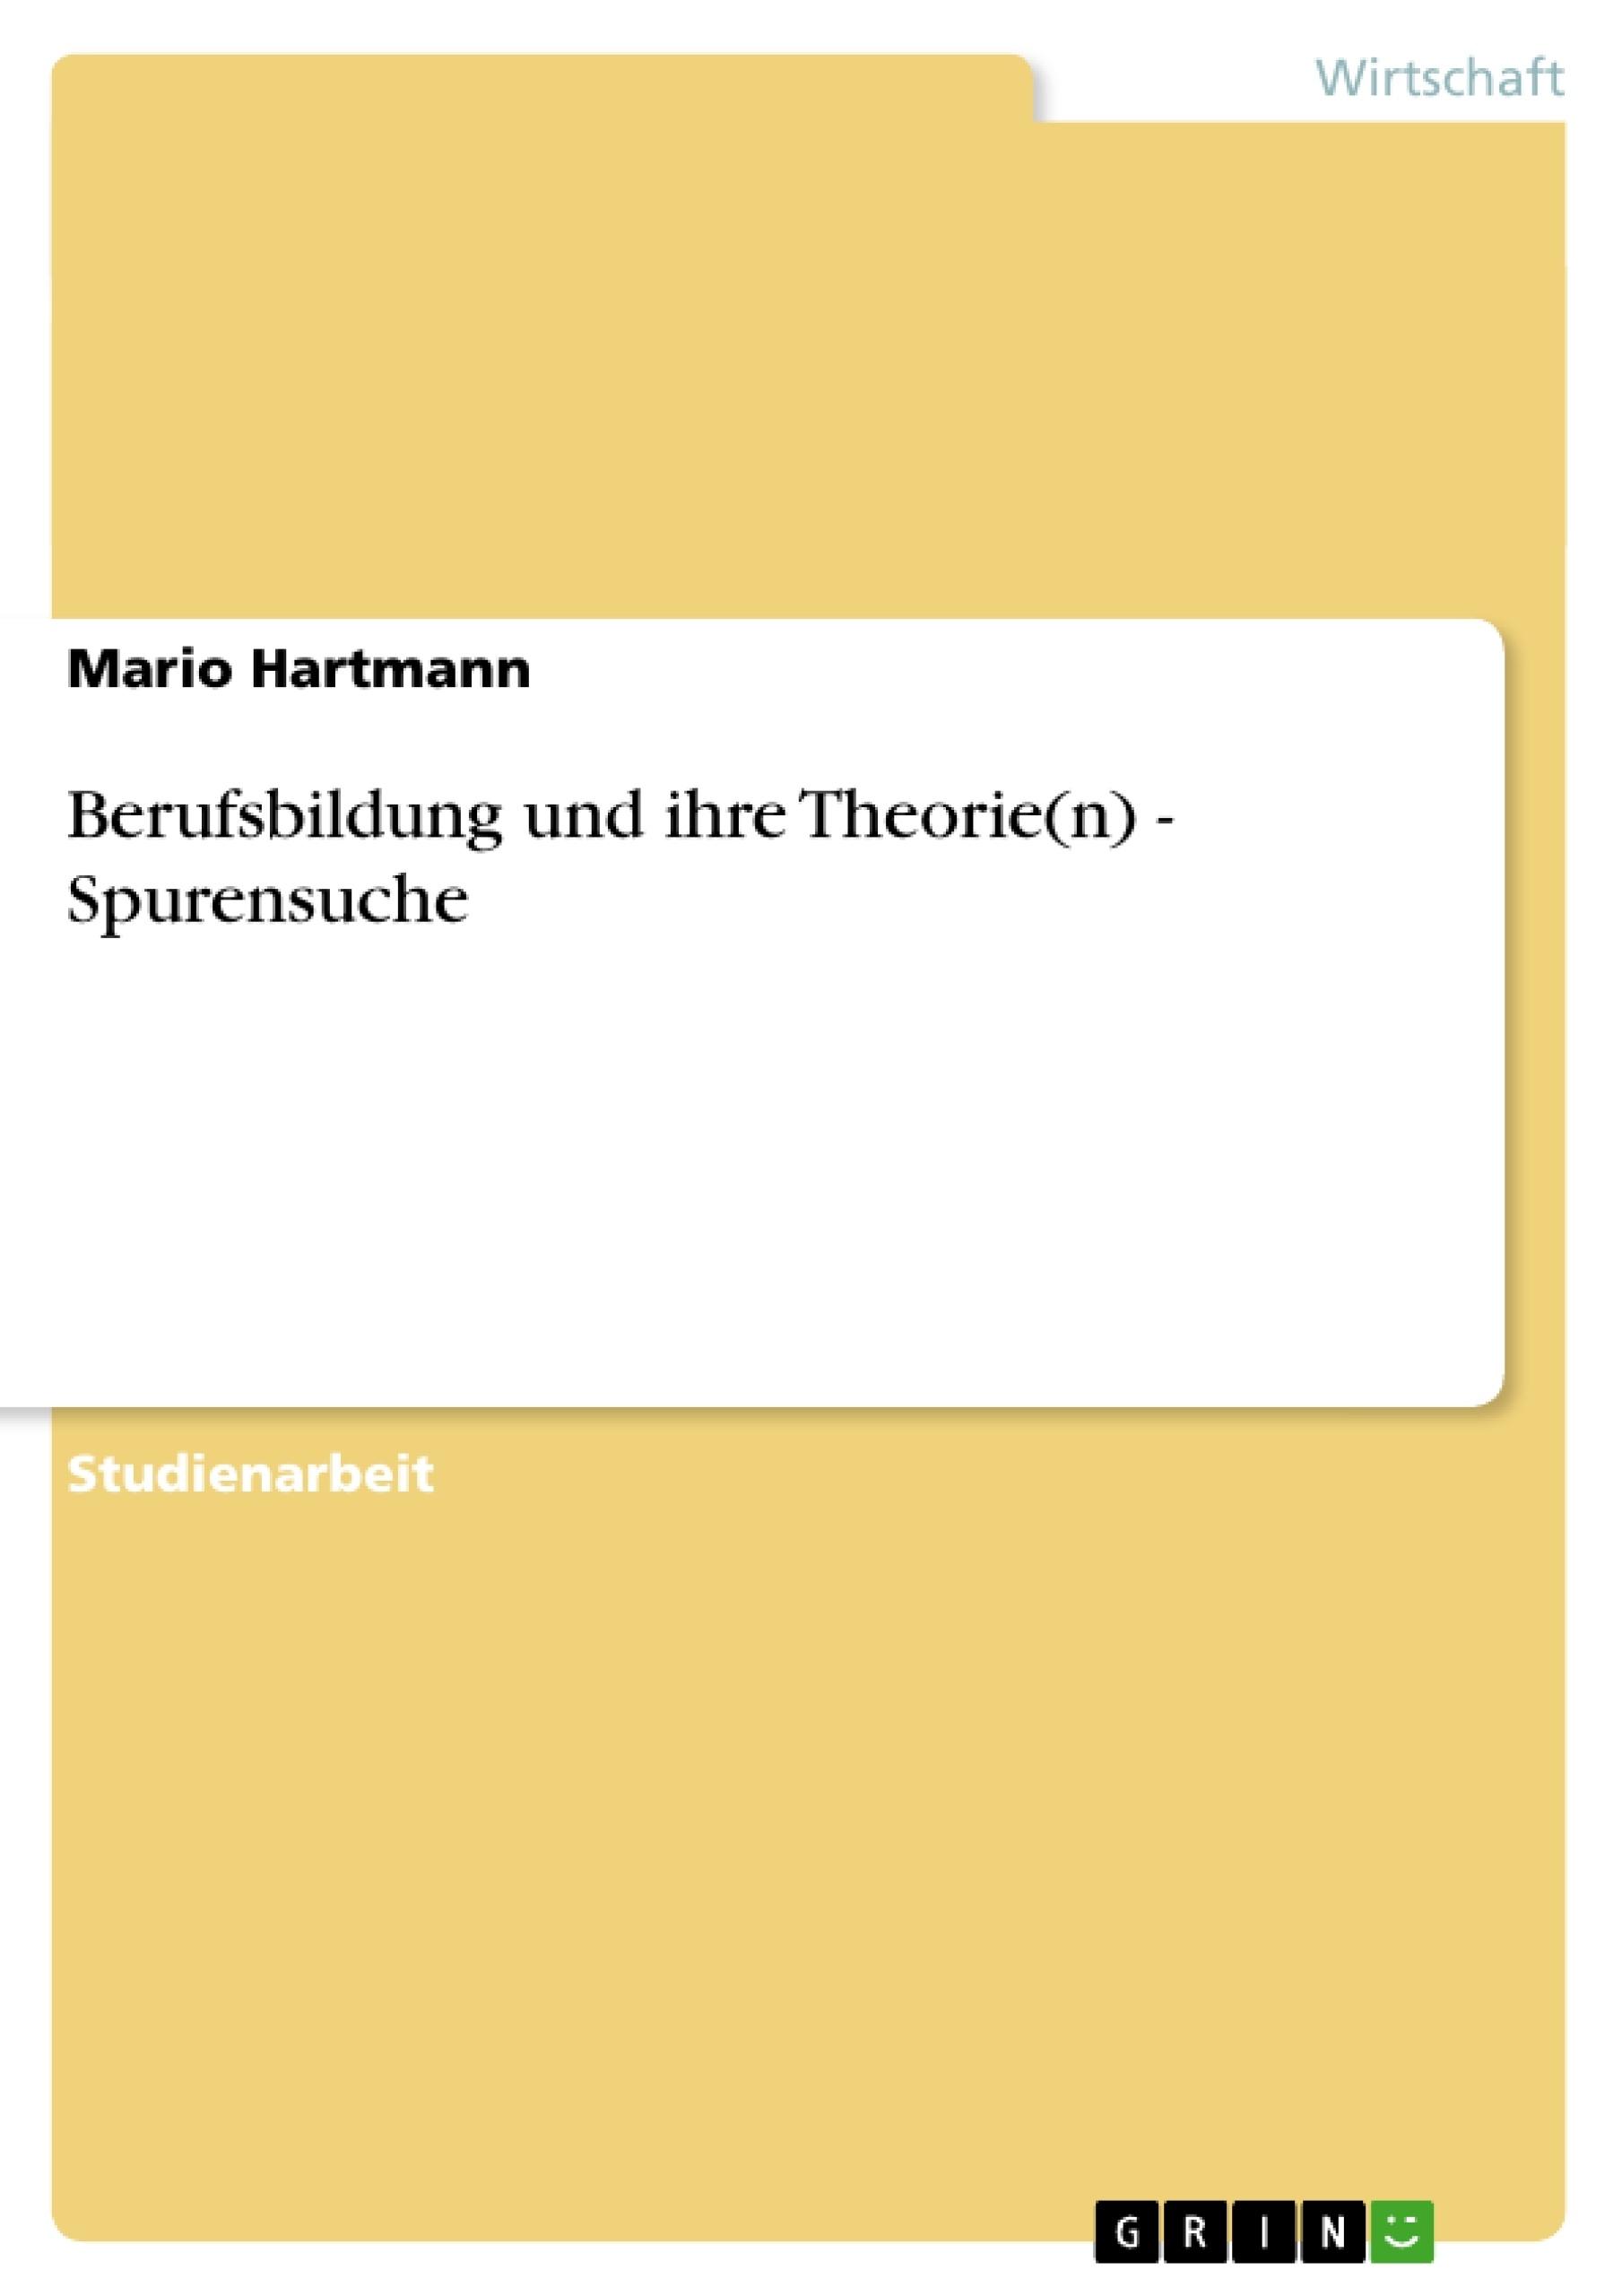 Titel: Berufsbildung und ihre Theorie(n) - Spurensuche